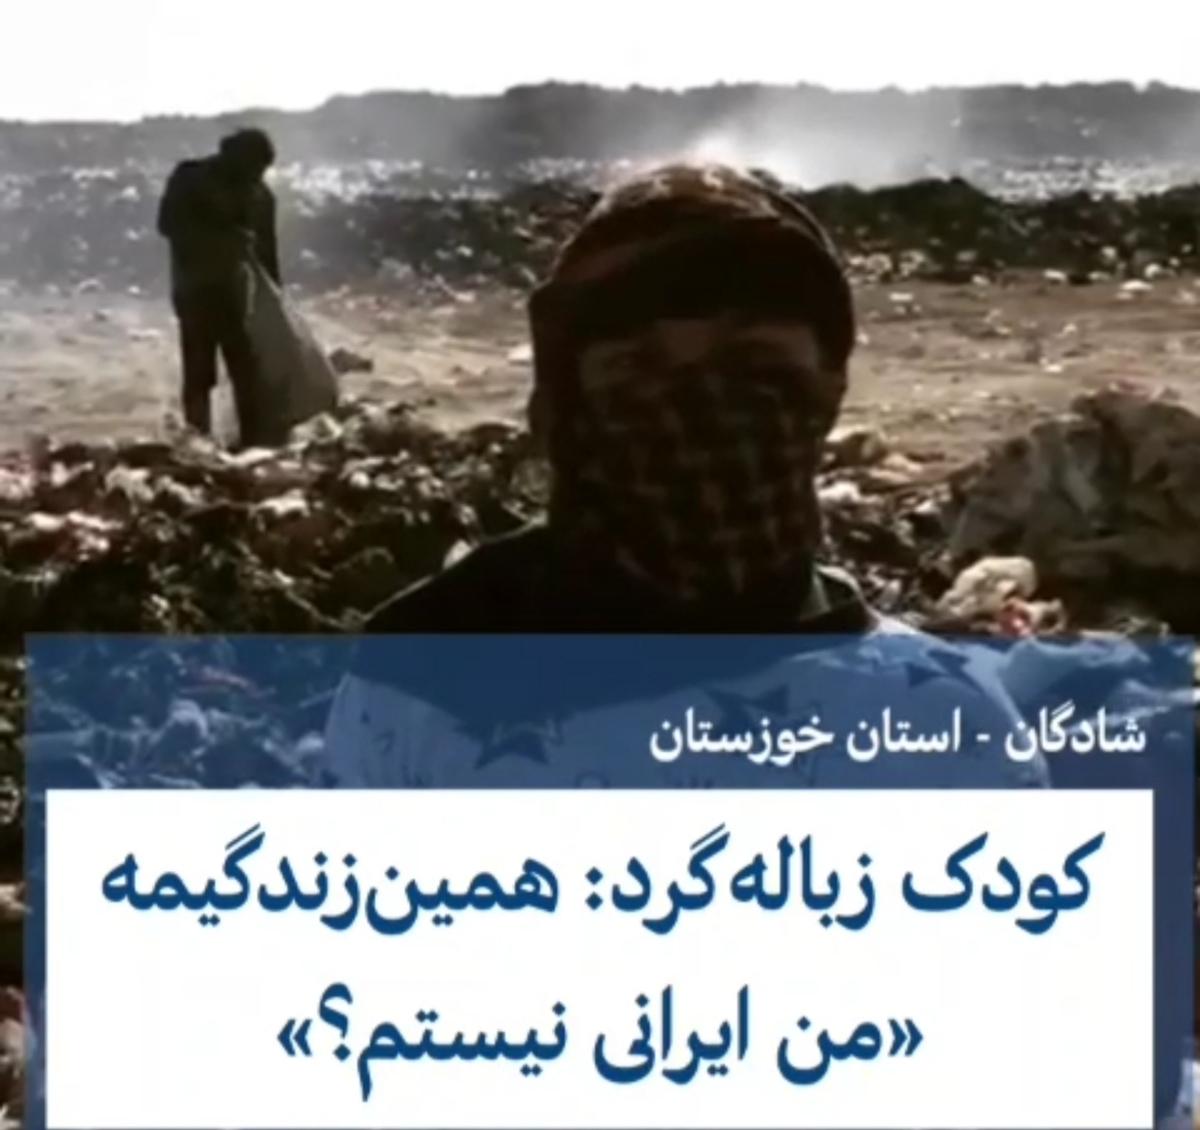 من ایرانی نیستم؟ + ویدئو